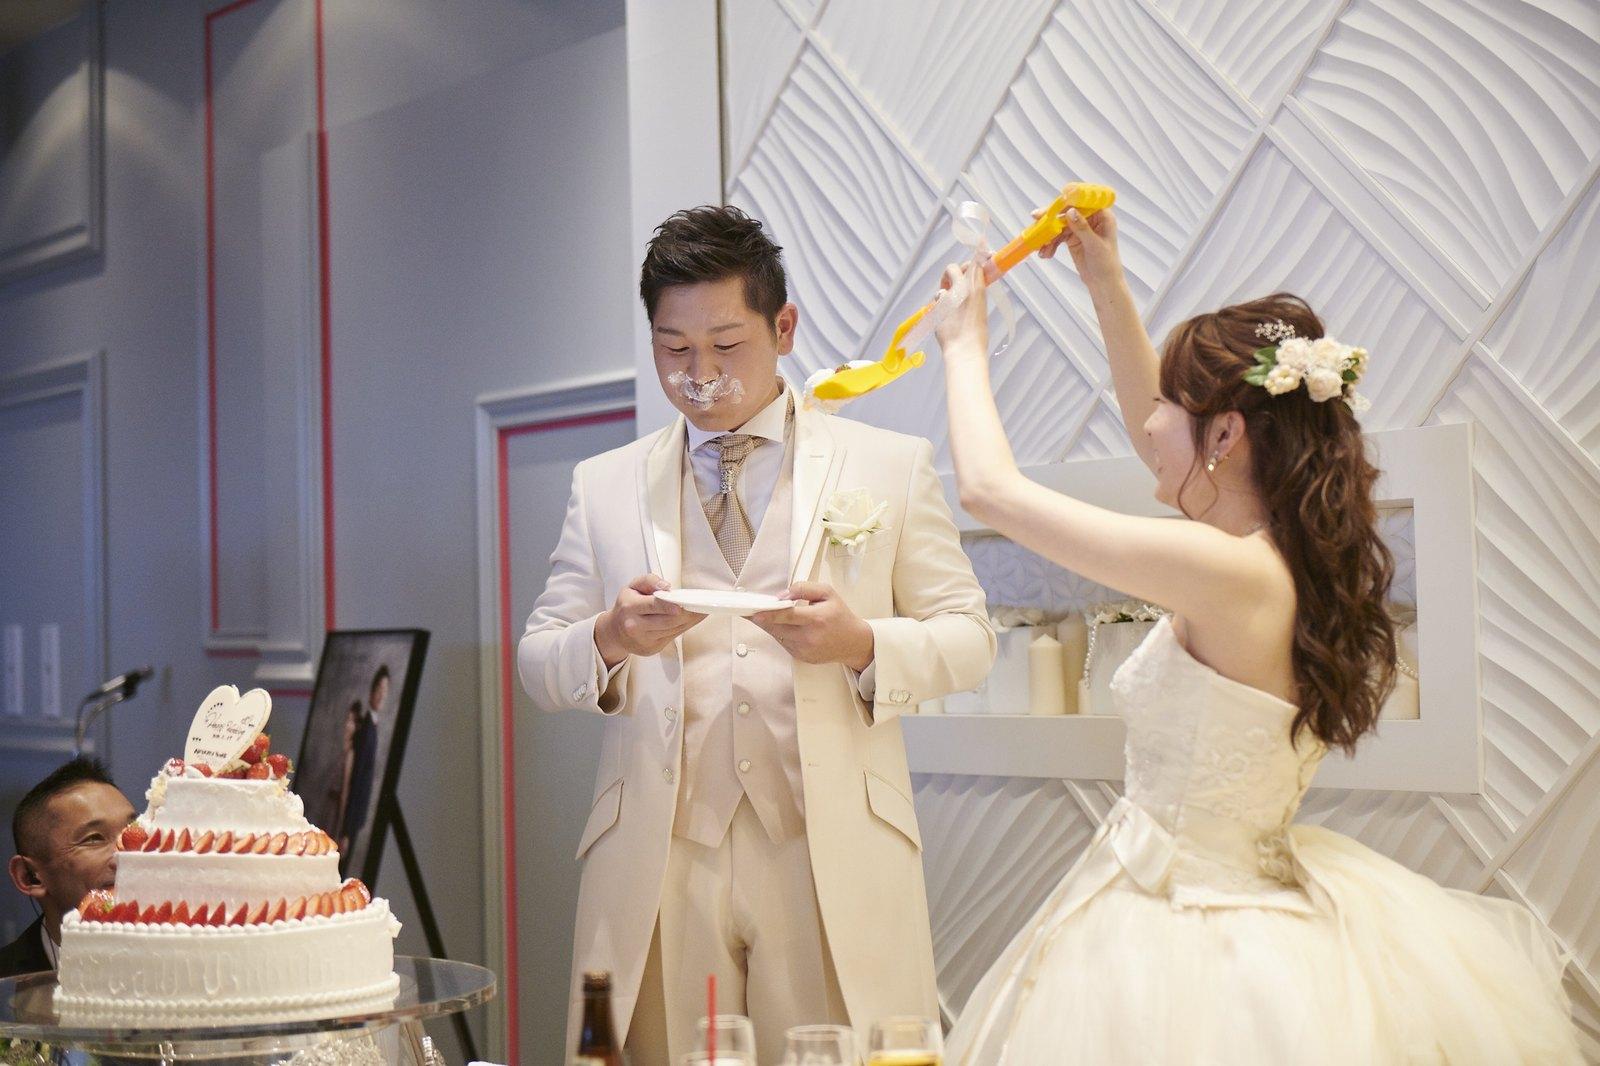 徳島市の結婚式場ブランアンジュでファーストバイトする新郎新婦様